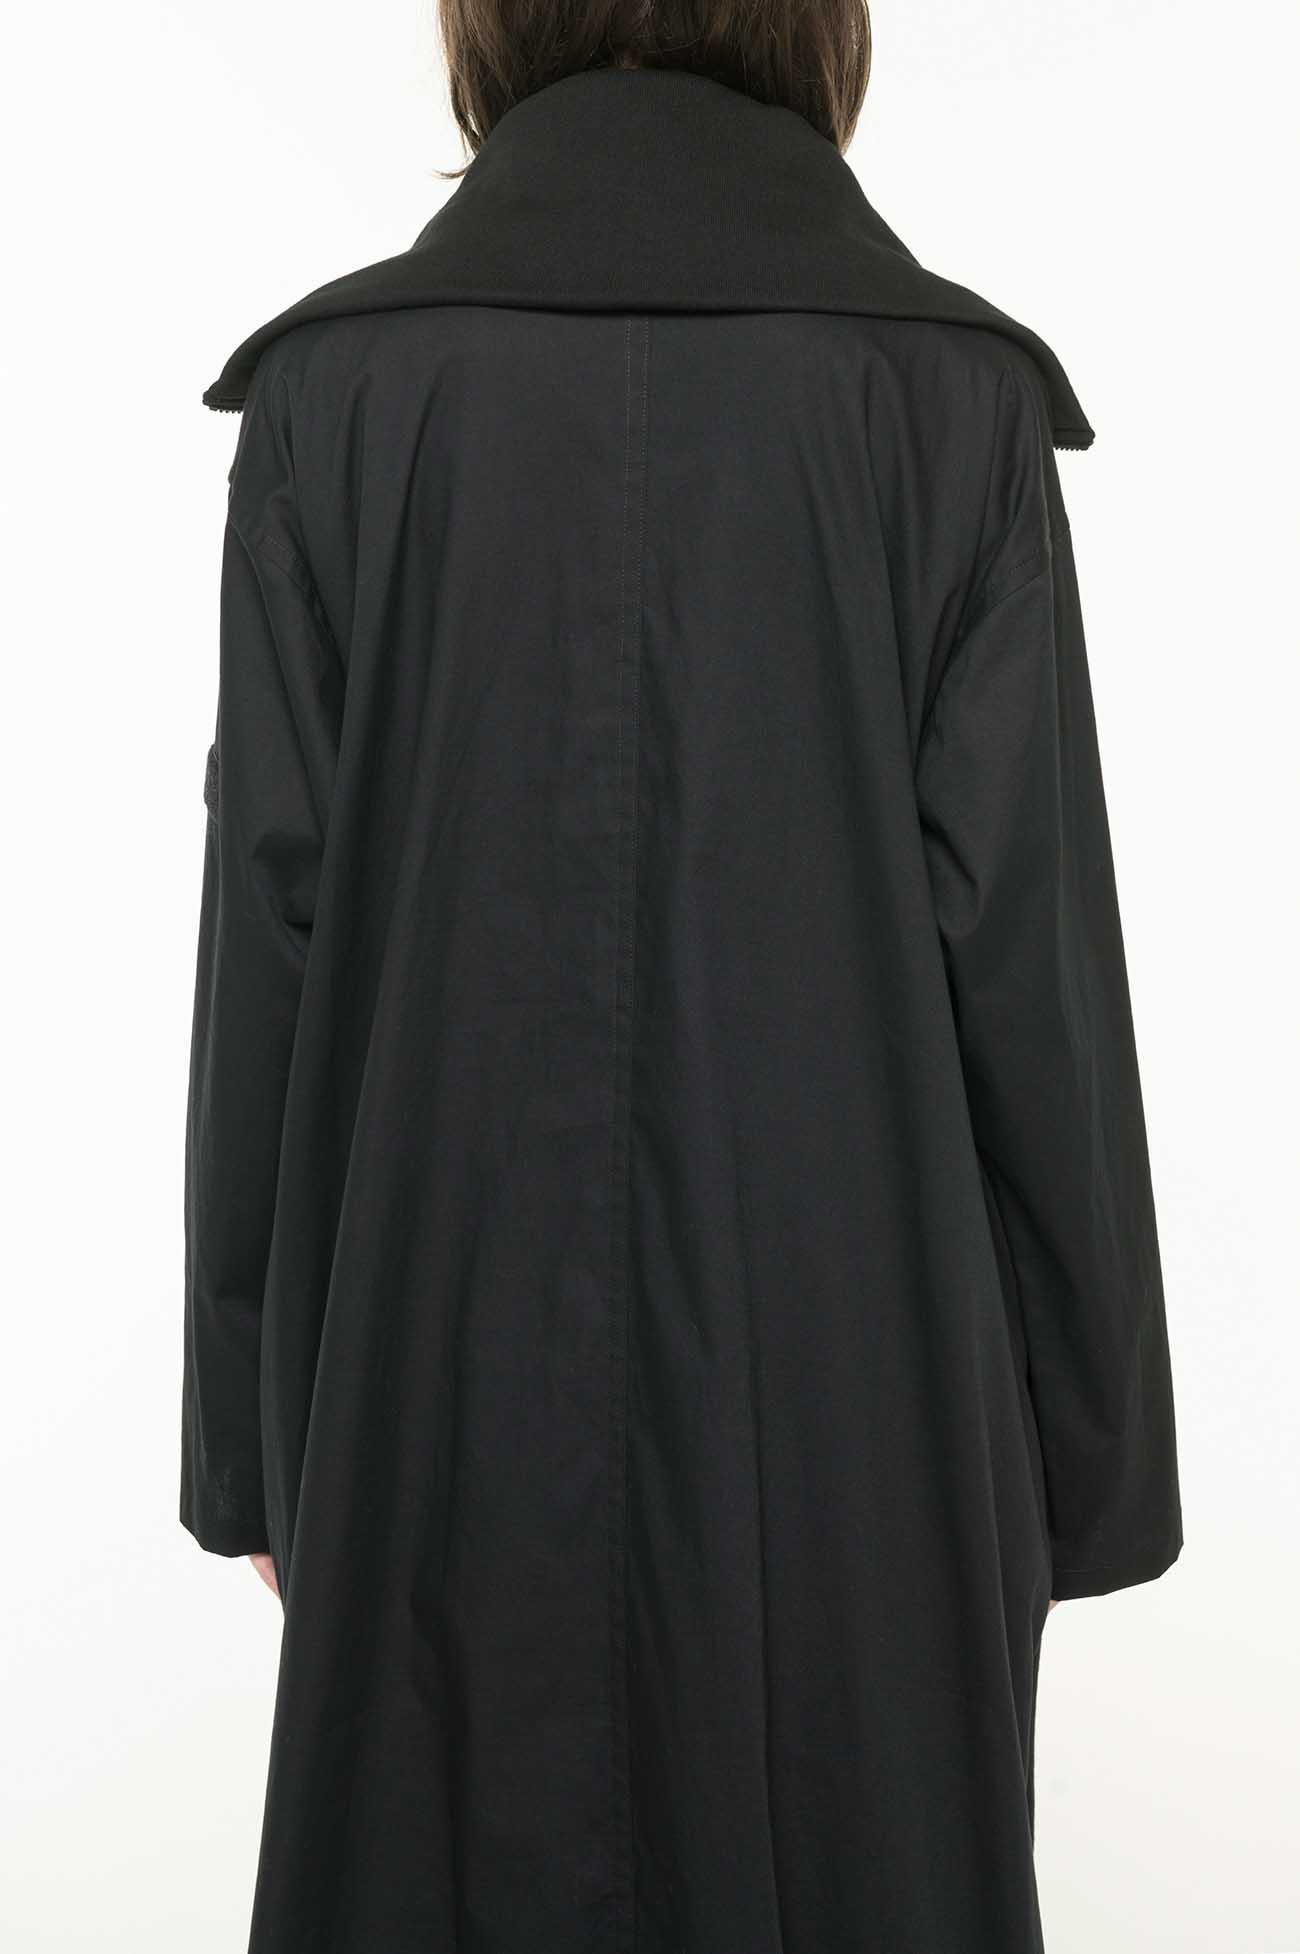 DENSED FLEECE HALF ZIP UP DRESS